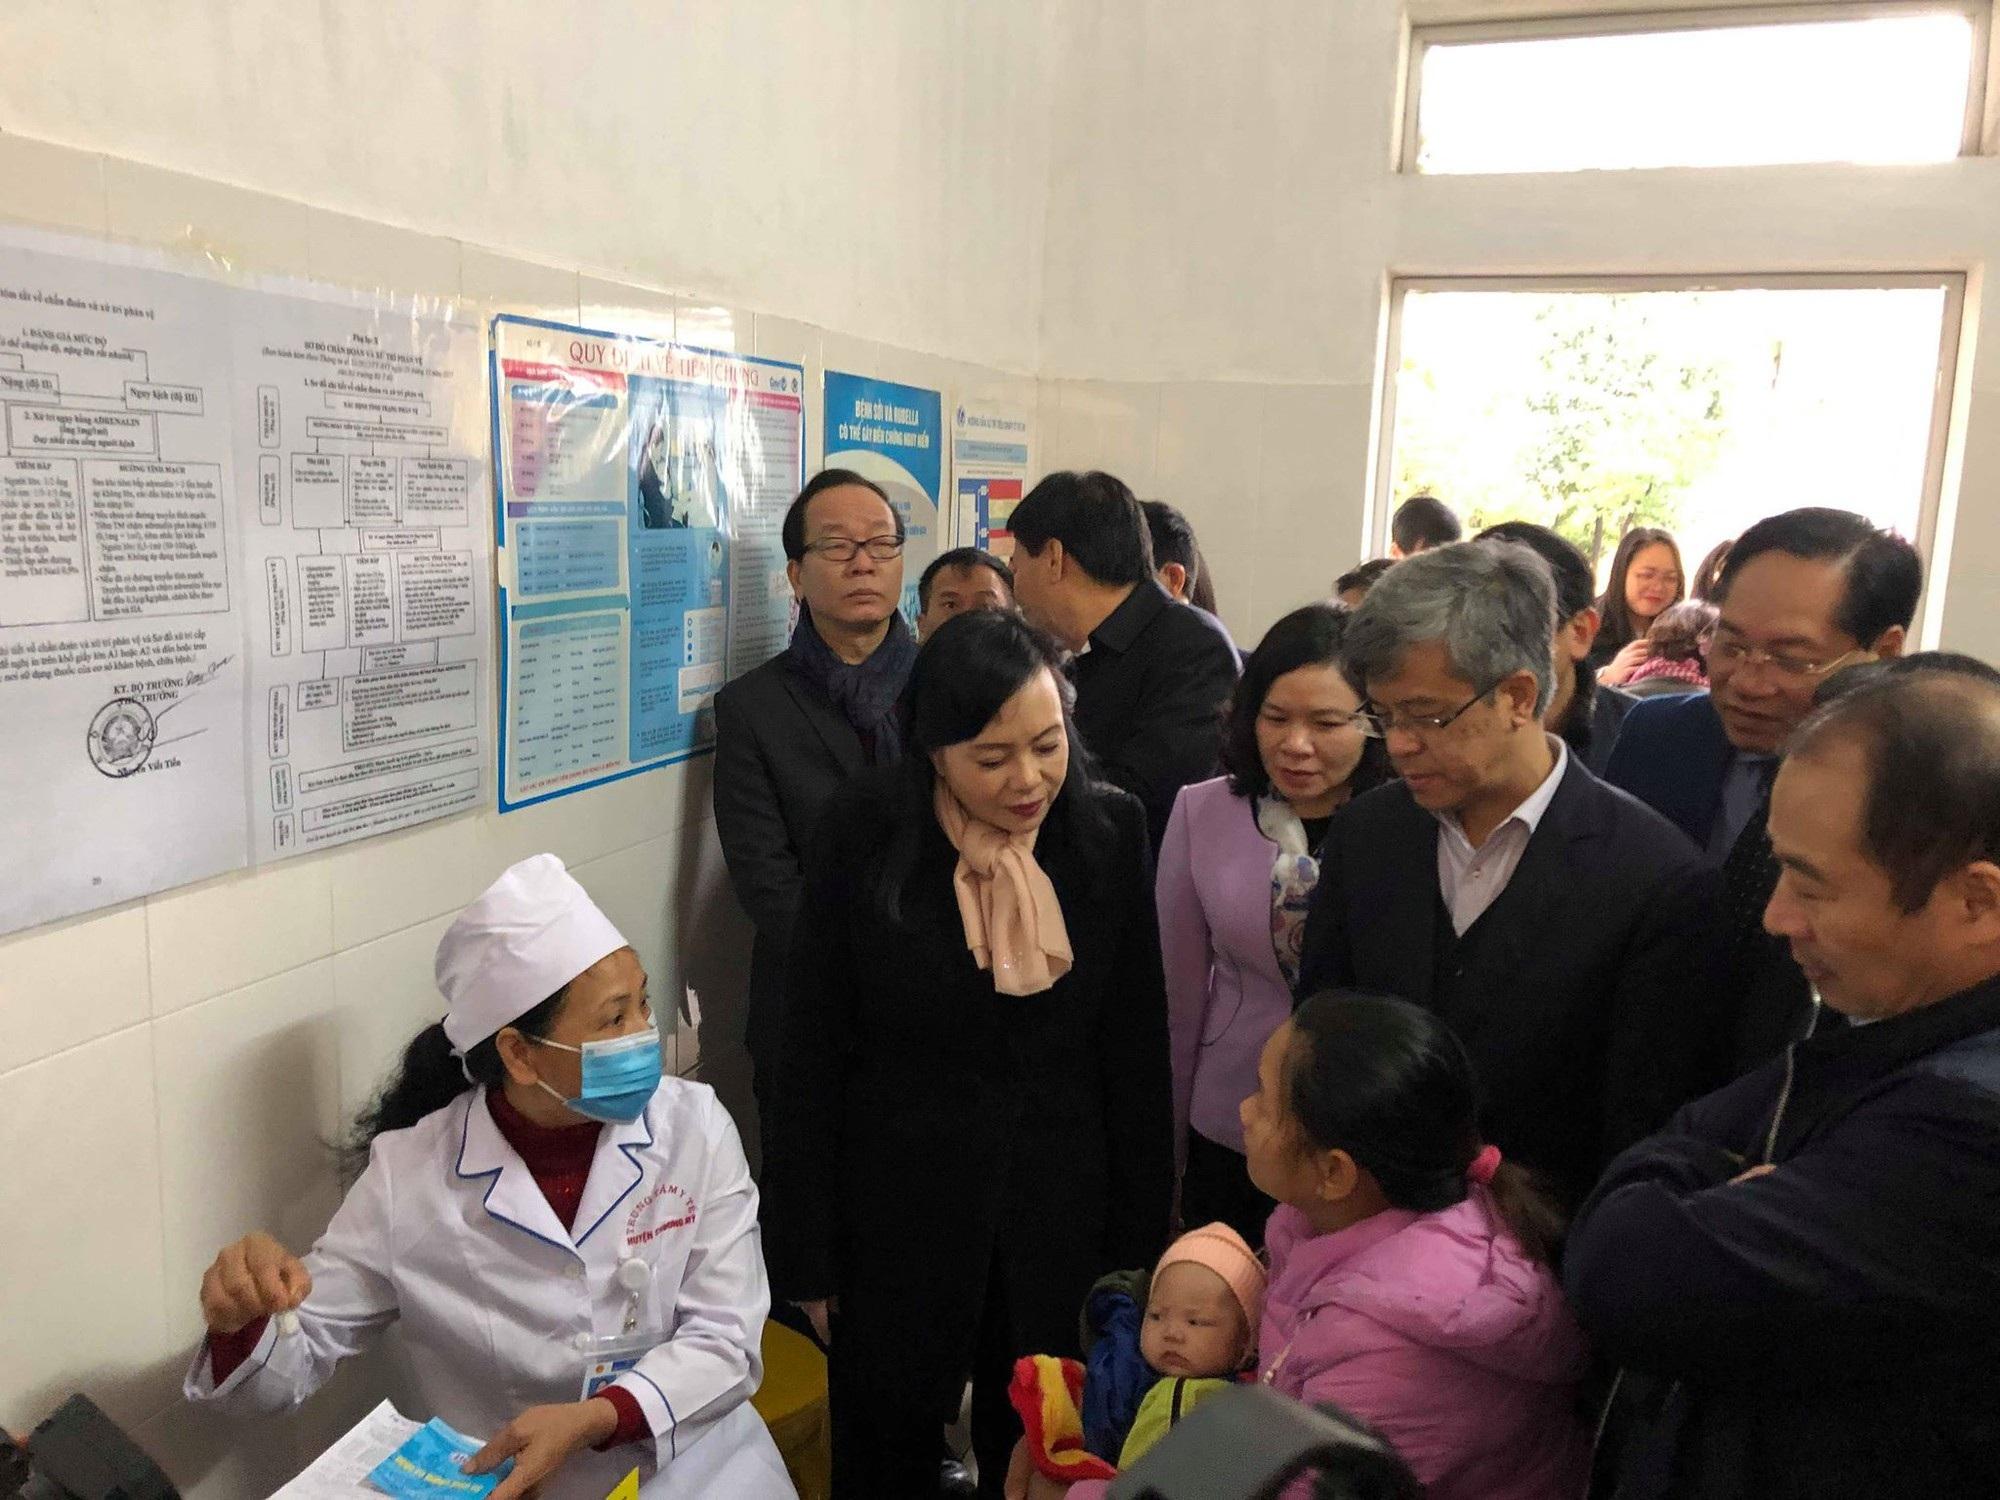 Bộ trưởng Y tế thị sát tiêm vắc xin 5 trong 1 tại trạm y tế  - Ảnh 4.